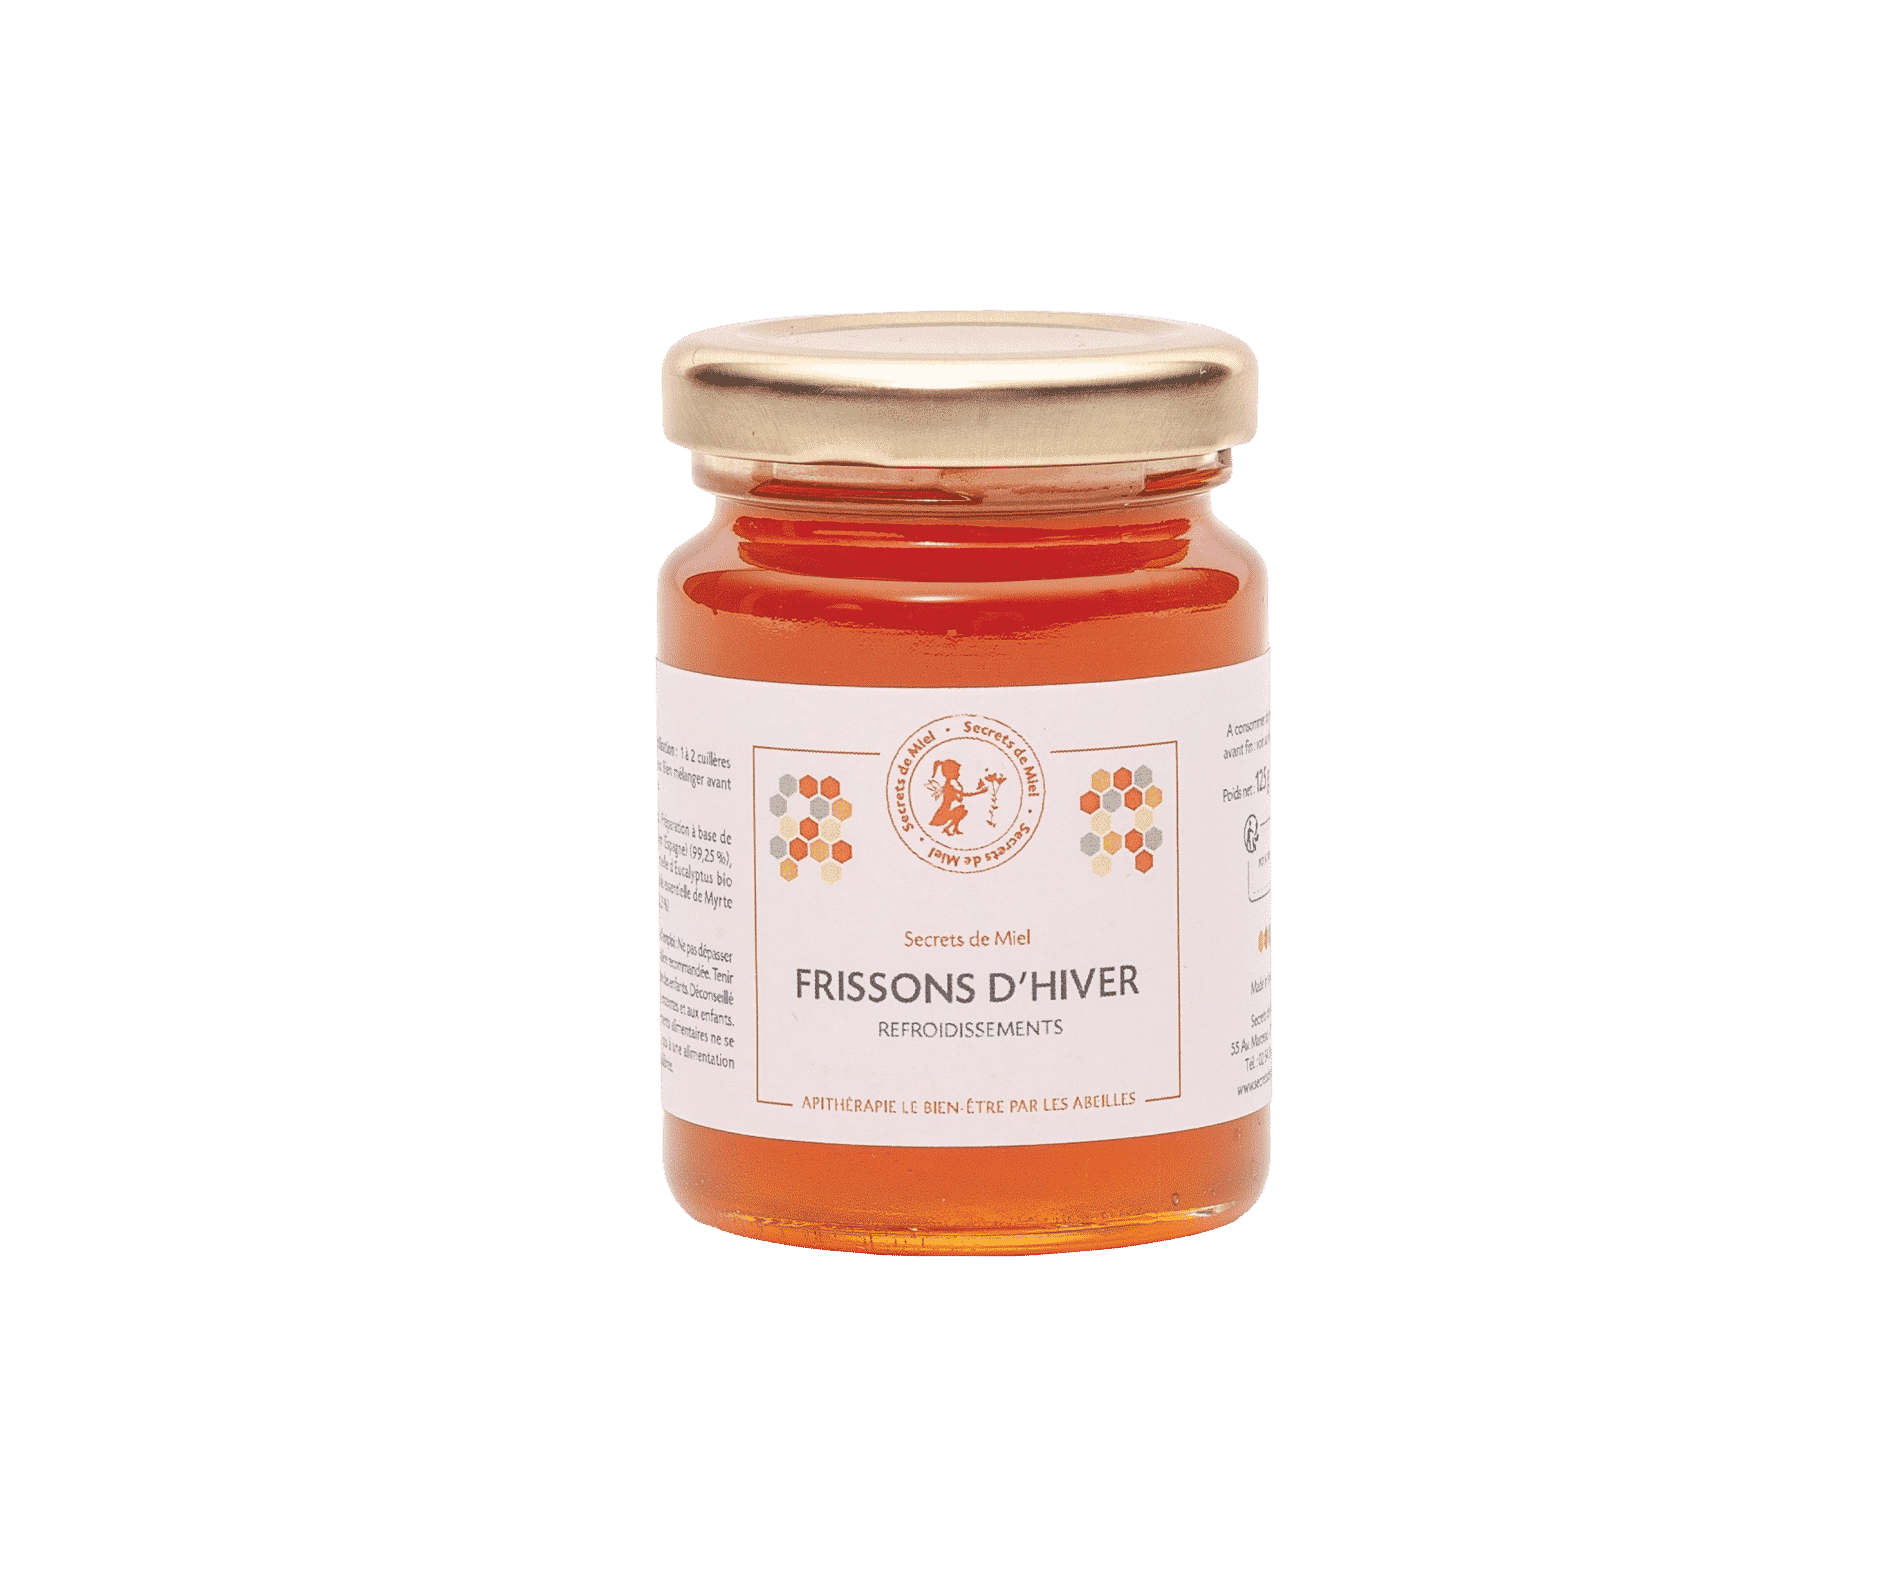 miel aux huiles essentielles - soigner les coups de froid - produits naturels - miels infusées aux huiles essentielles - rhûmes - nez bouchés - miels - Secrets de Miel - made in France